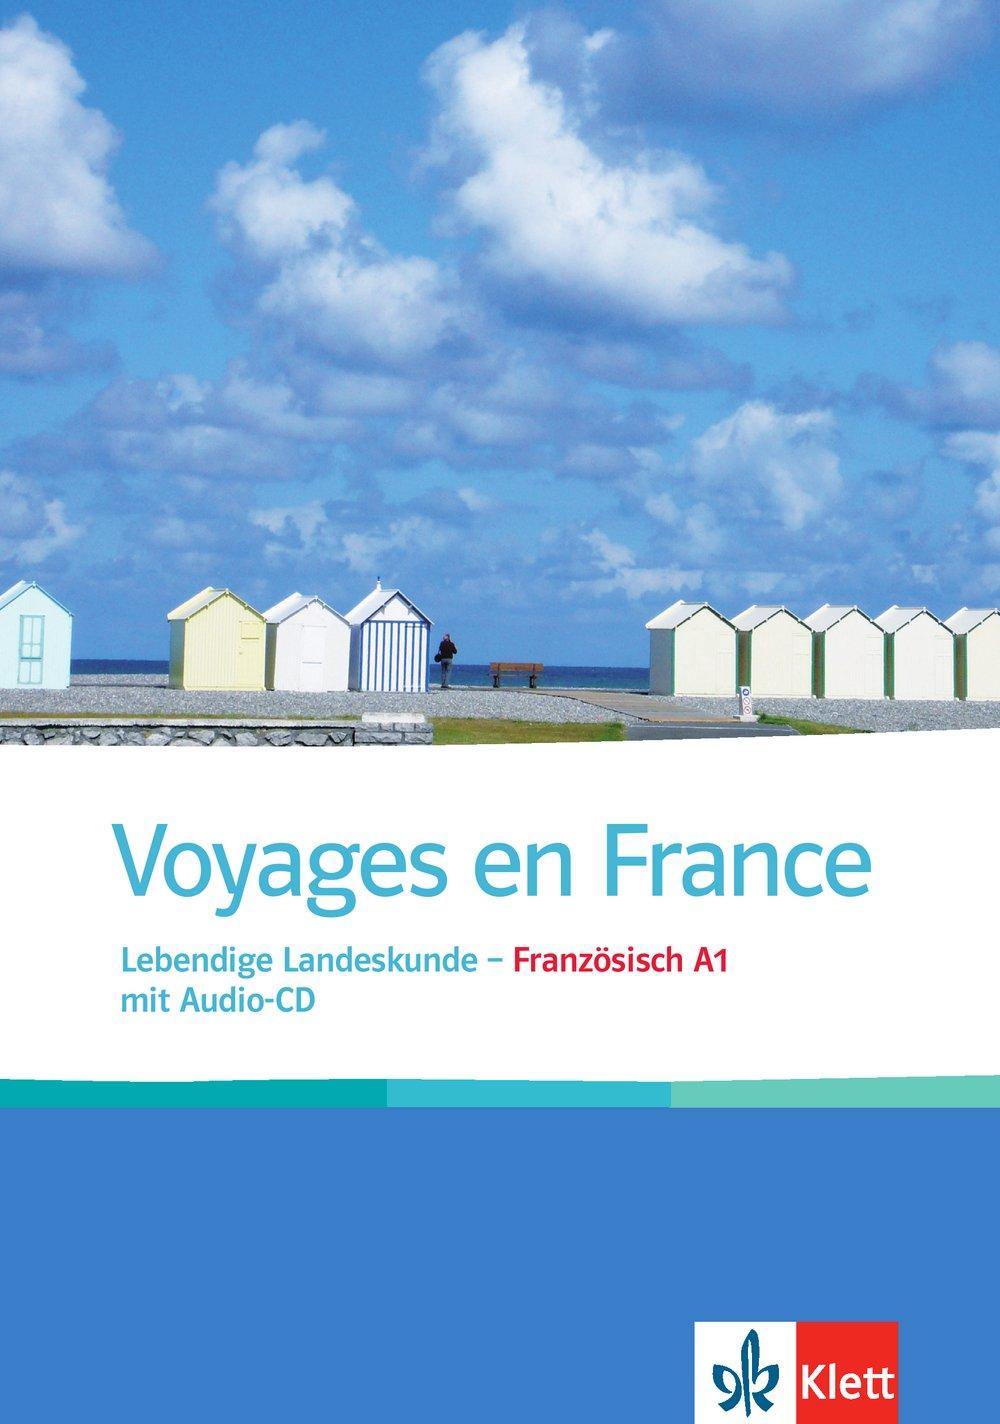 Voyages en France: Lebendige Landeskunde - Französisch A1. Buch + Audio-CD (Voyages neu)